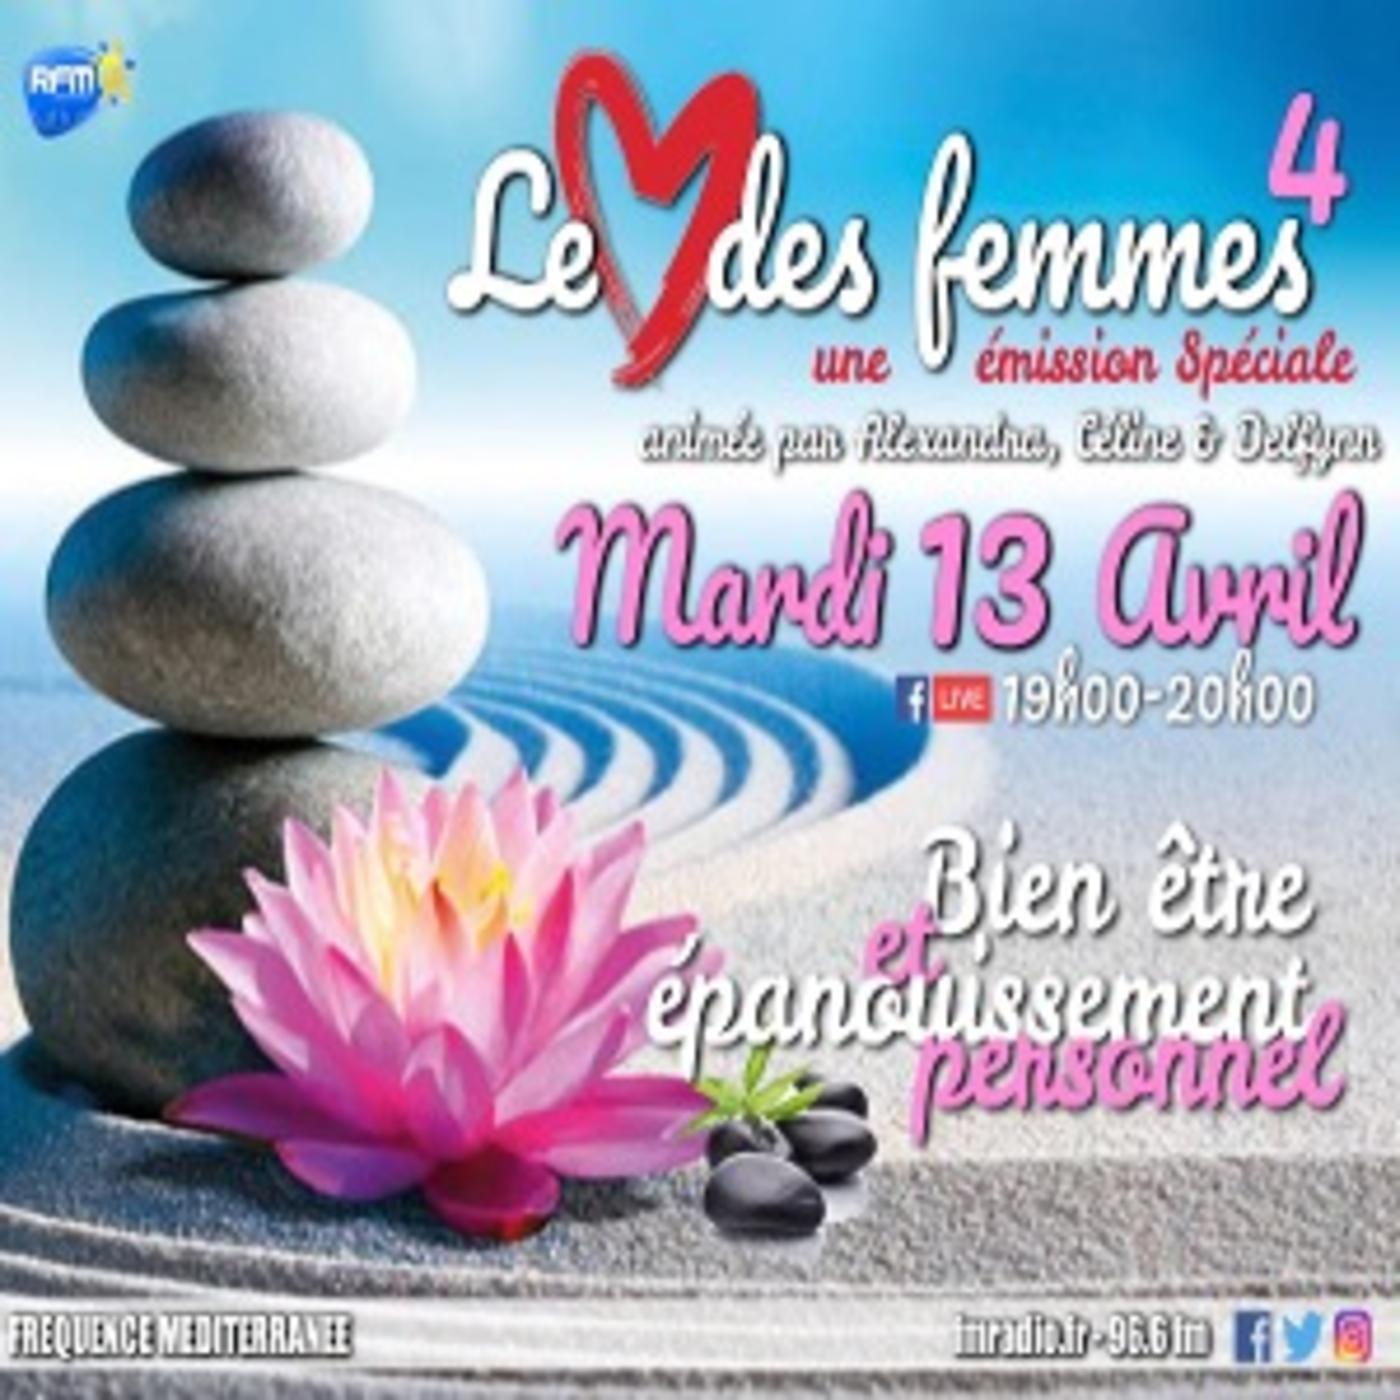 Le coeur des femmes 4 - du 13 avril 2021